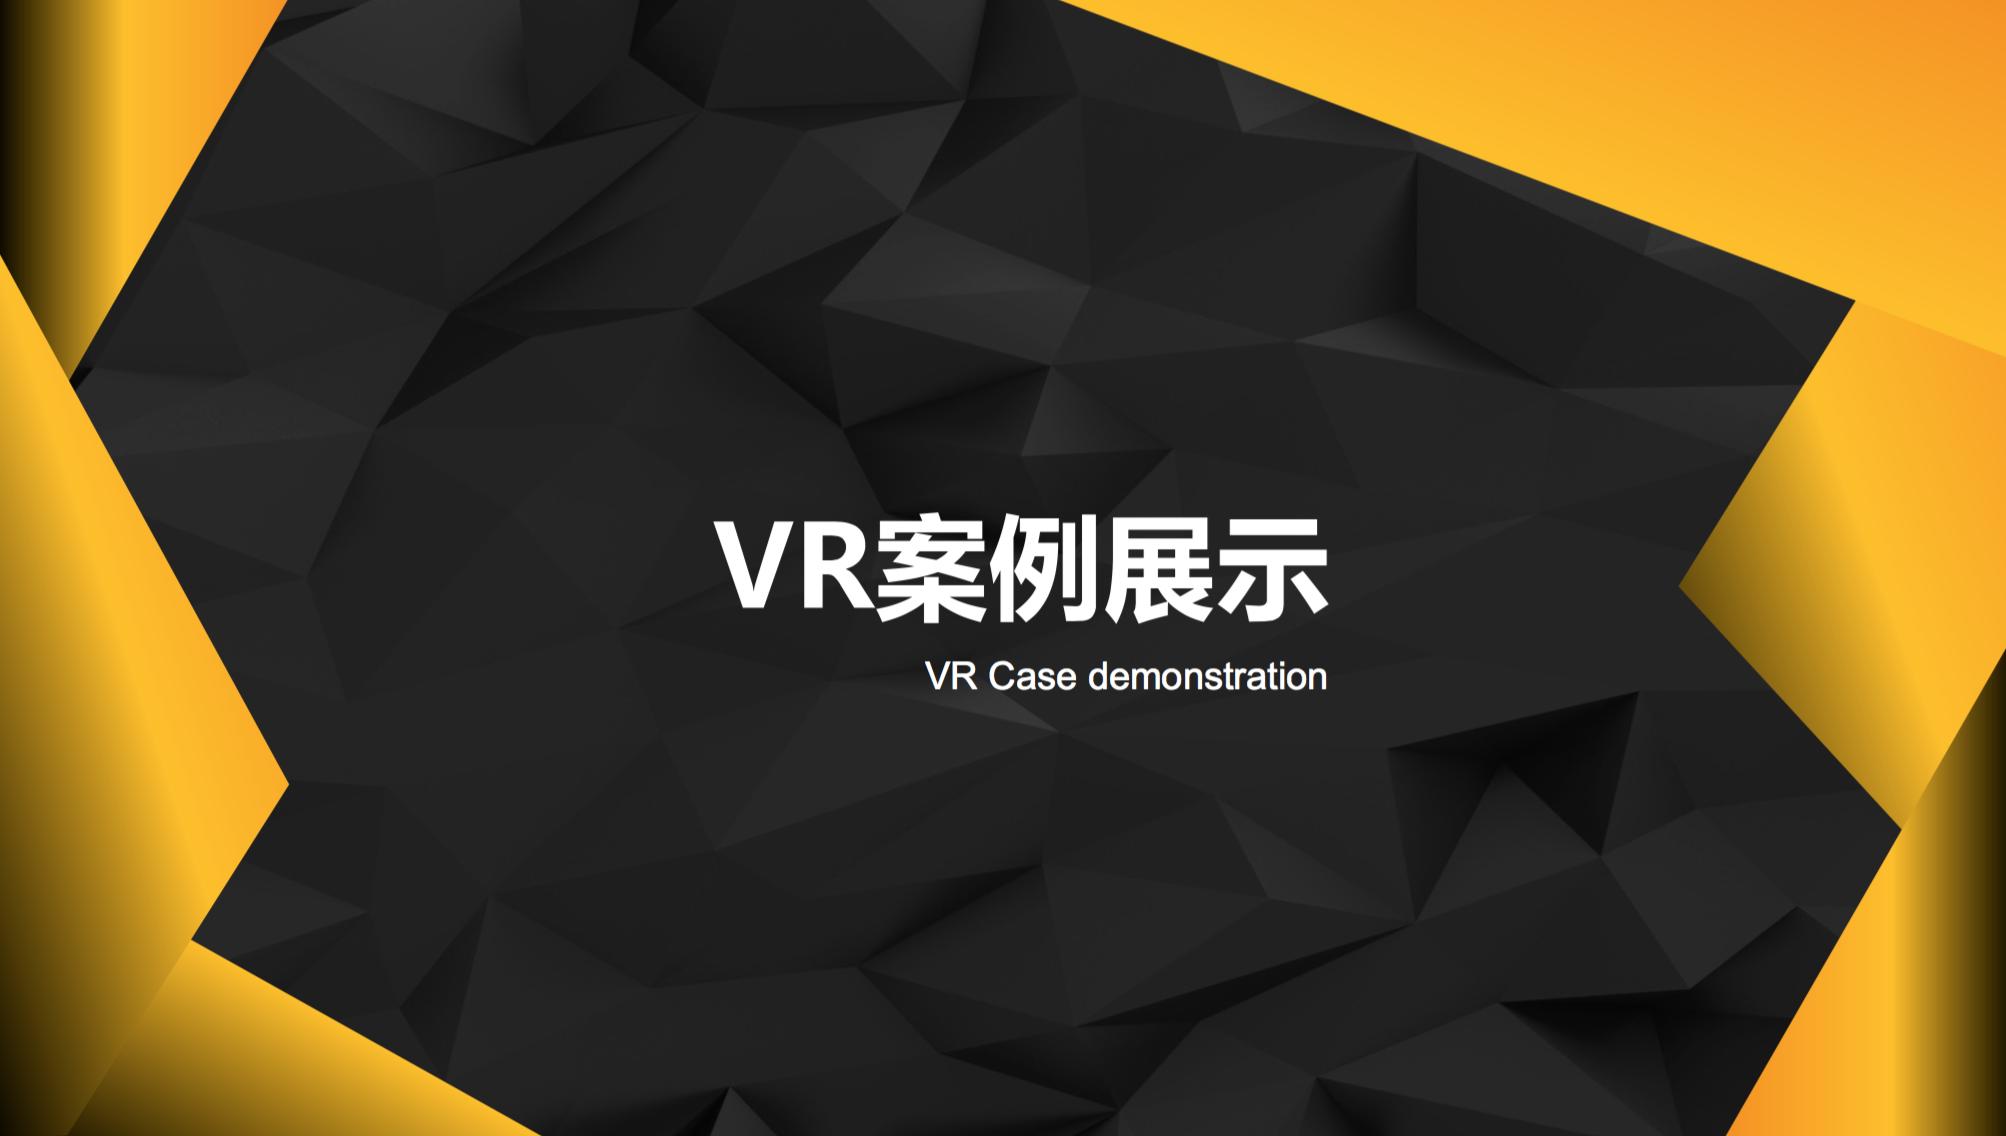 VR&AR案例展示